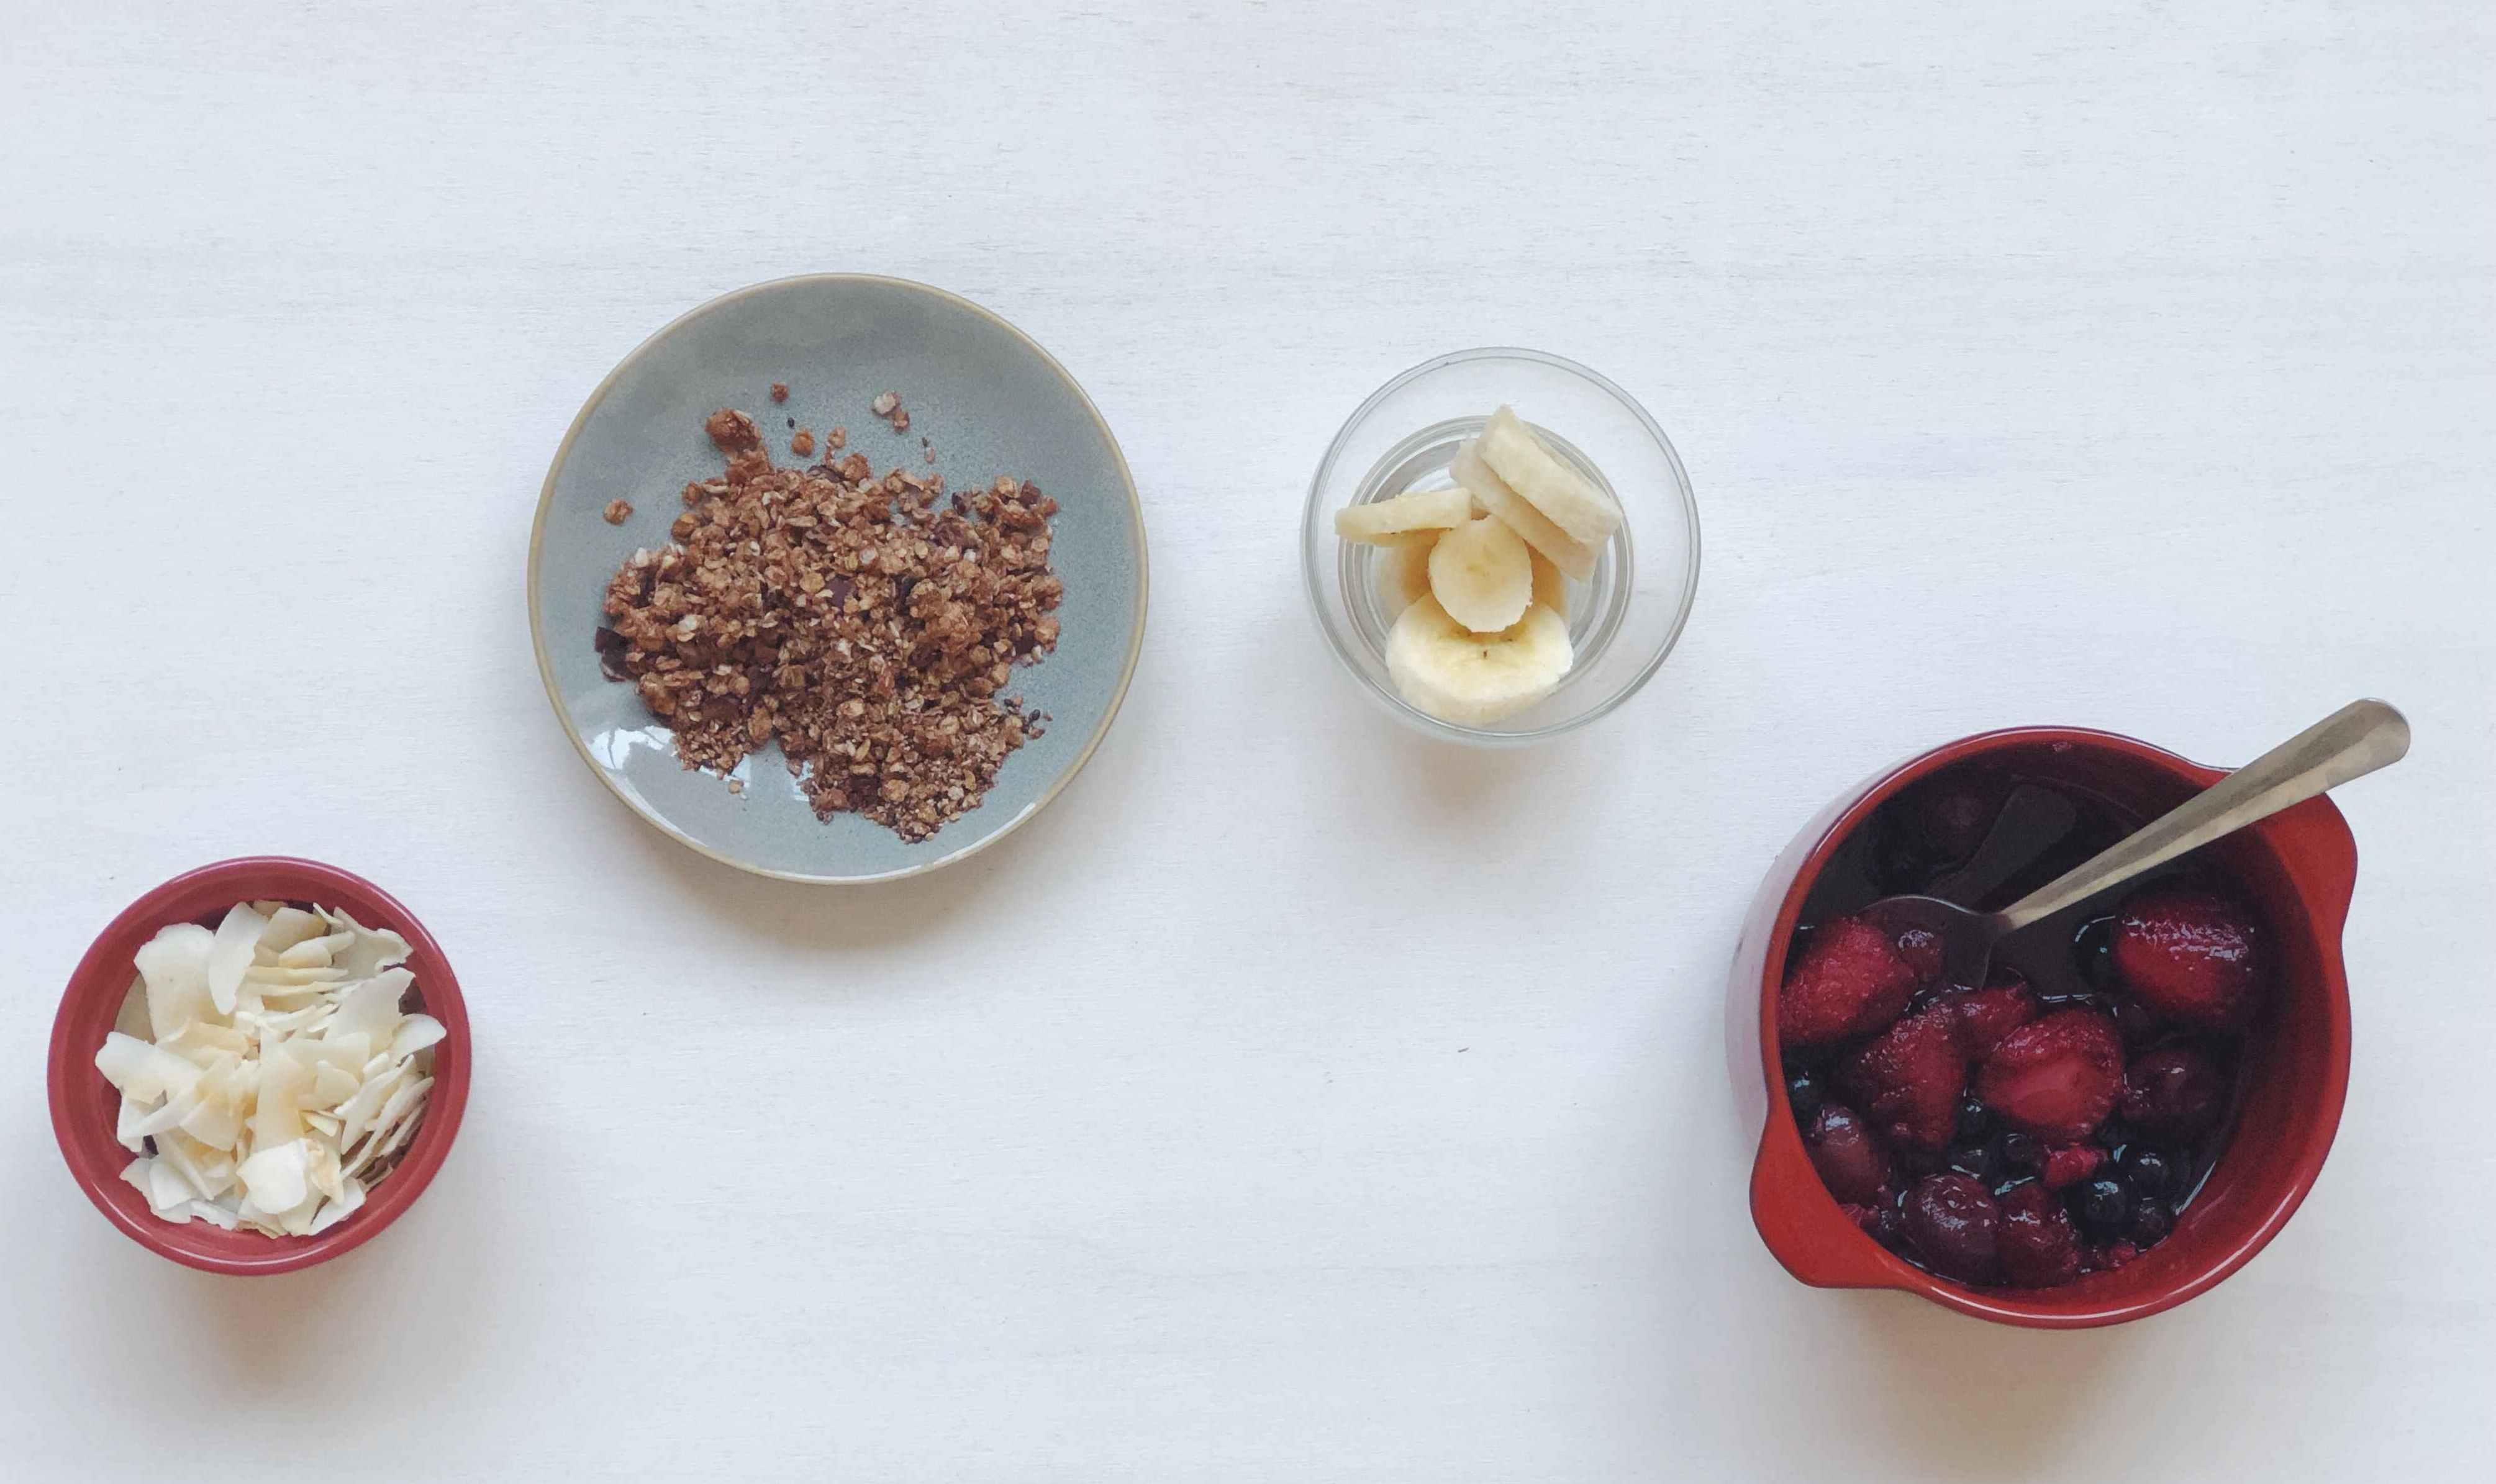 Rezept-Heidelbeer-Bowl-Superfruit-Gesund-Ernährung-Frühstück-Regional-Zutaten